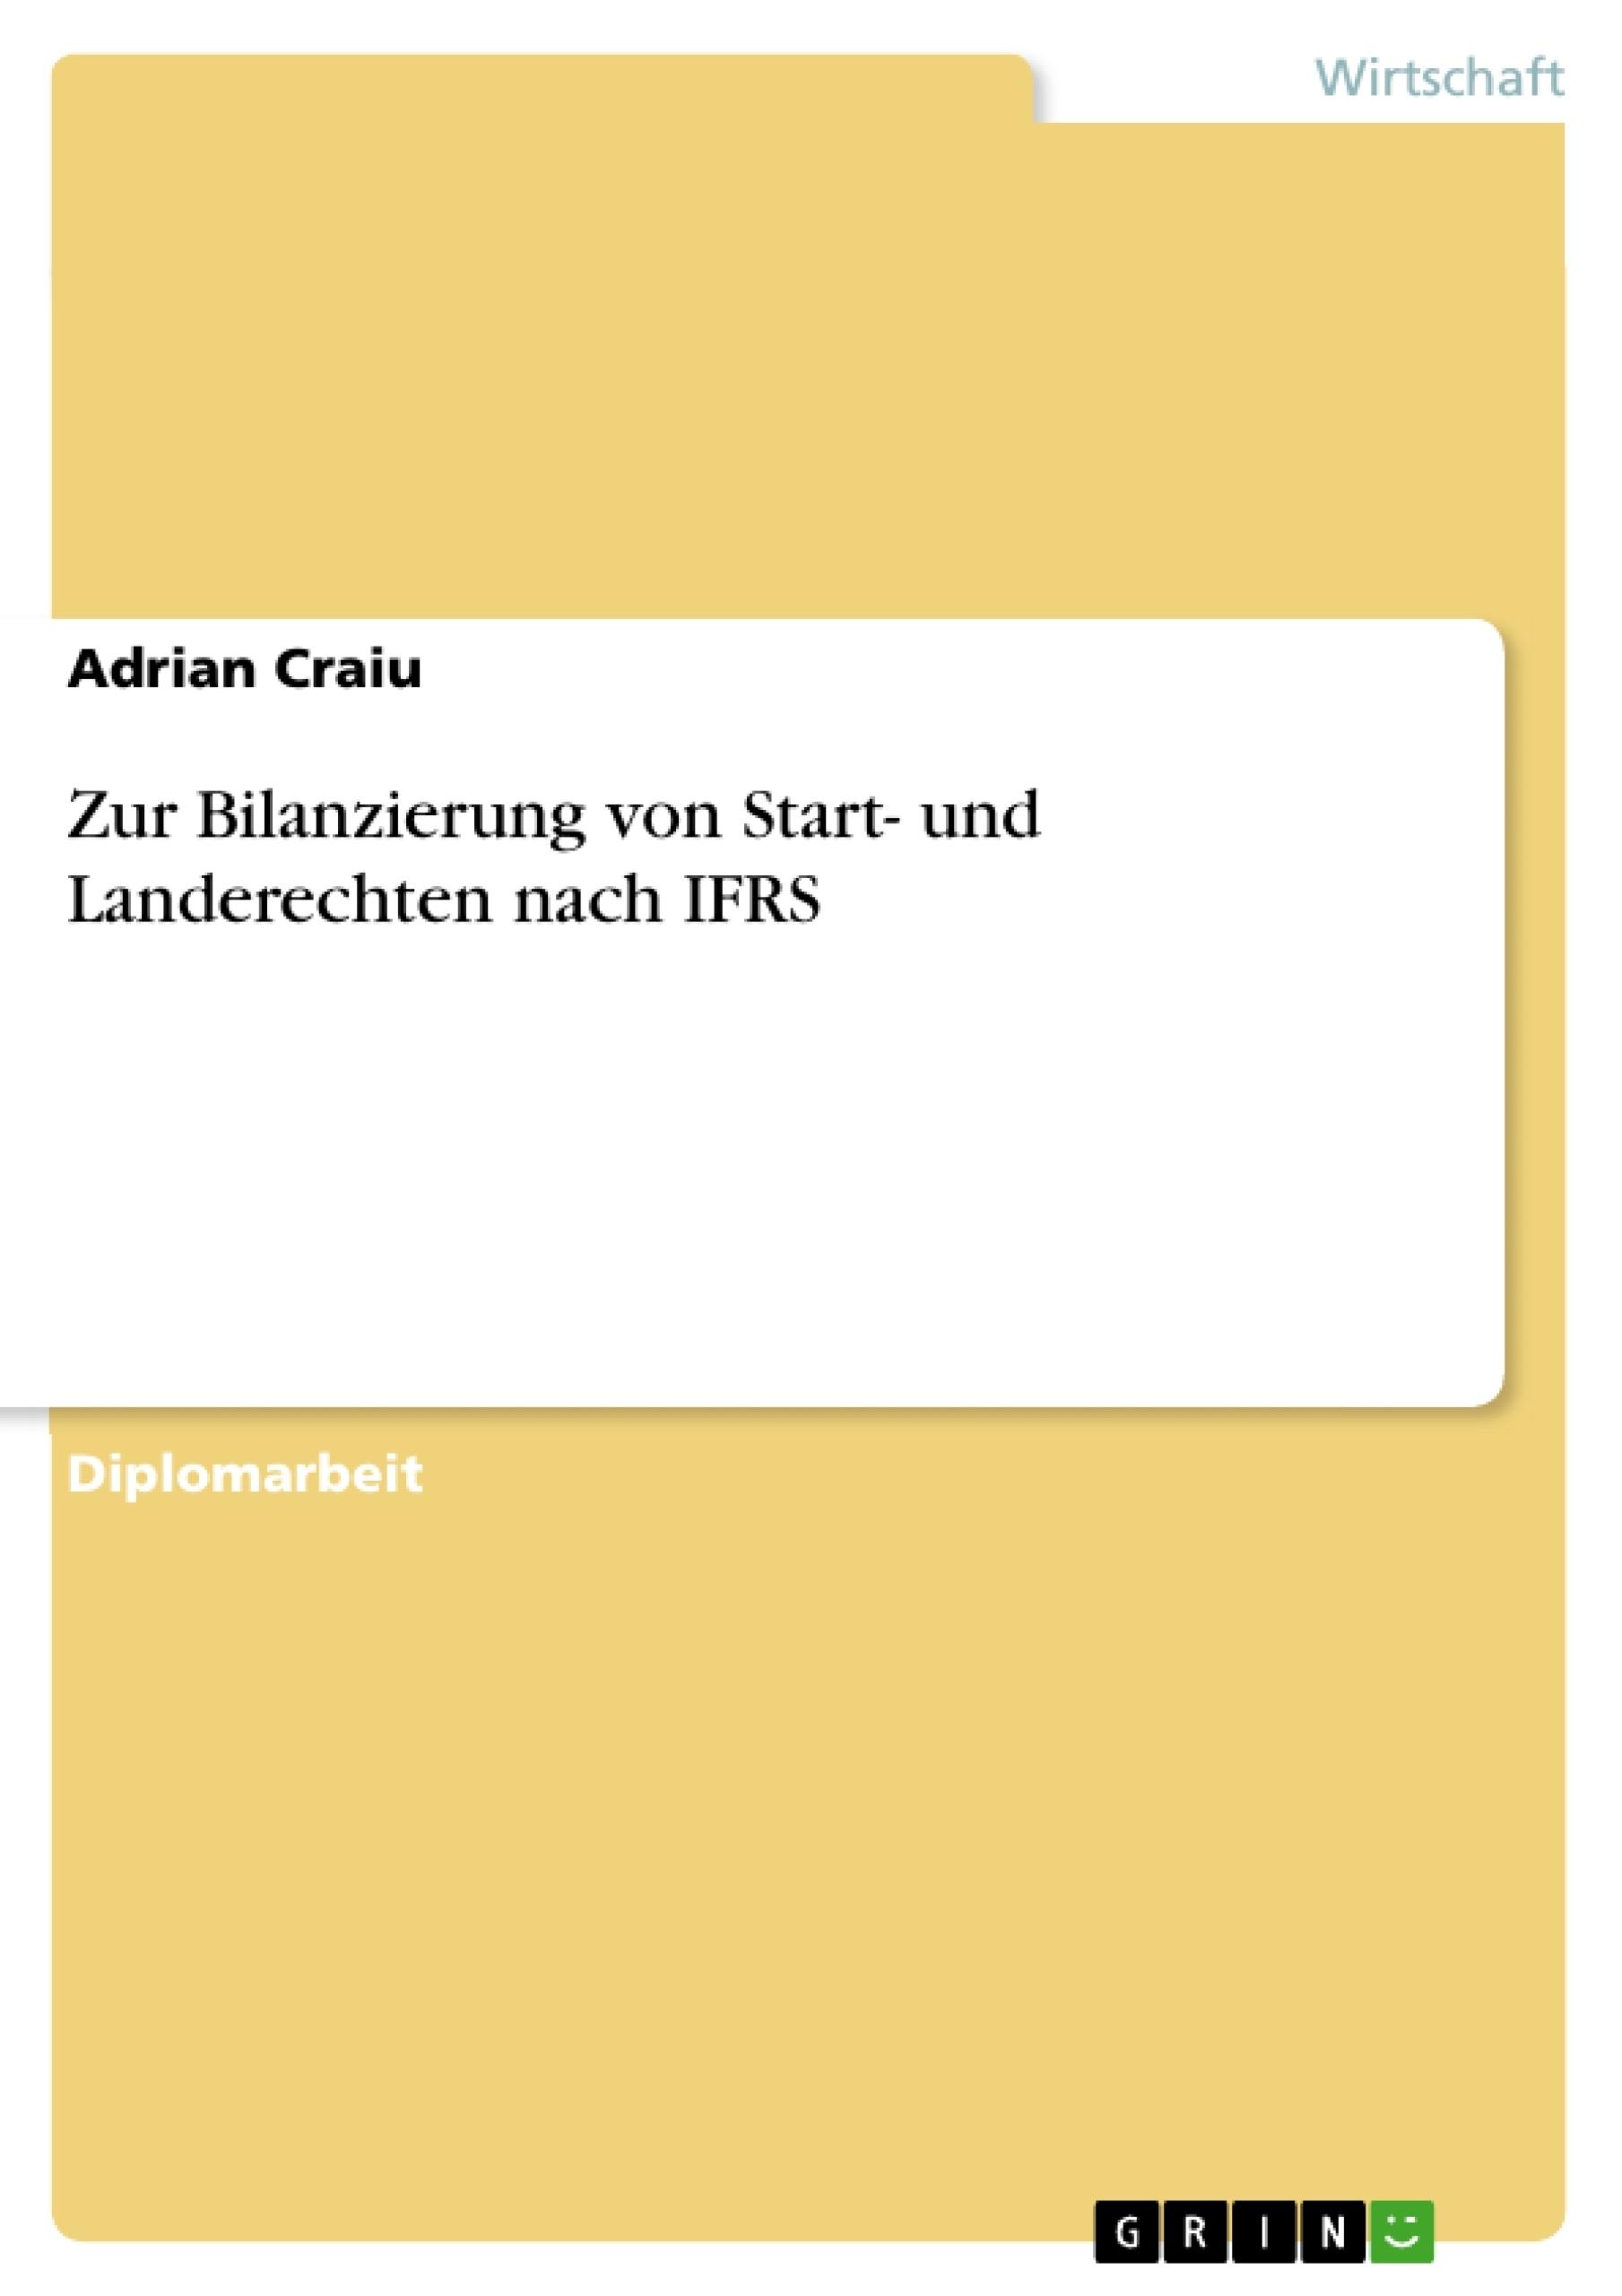 Titel: Zur Bilanzierung von Start- und Landerechten nach IFRS